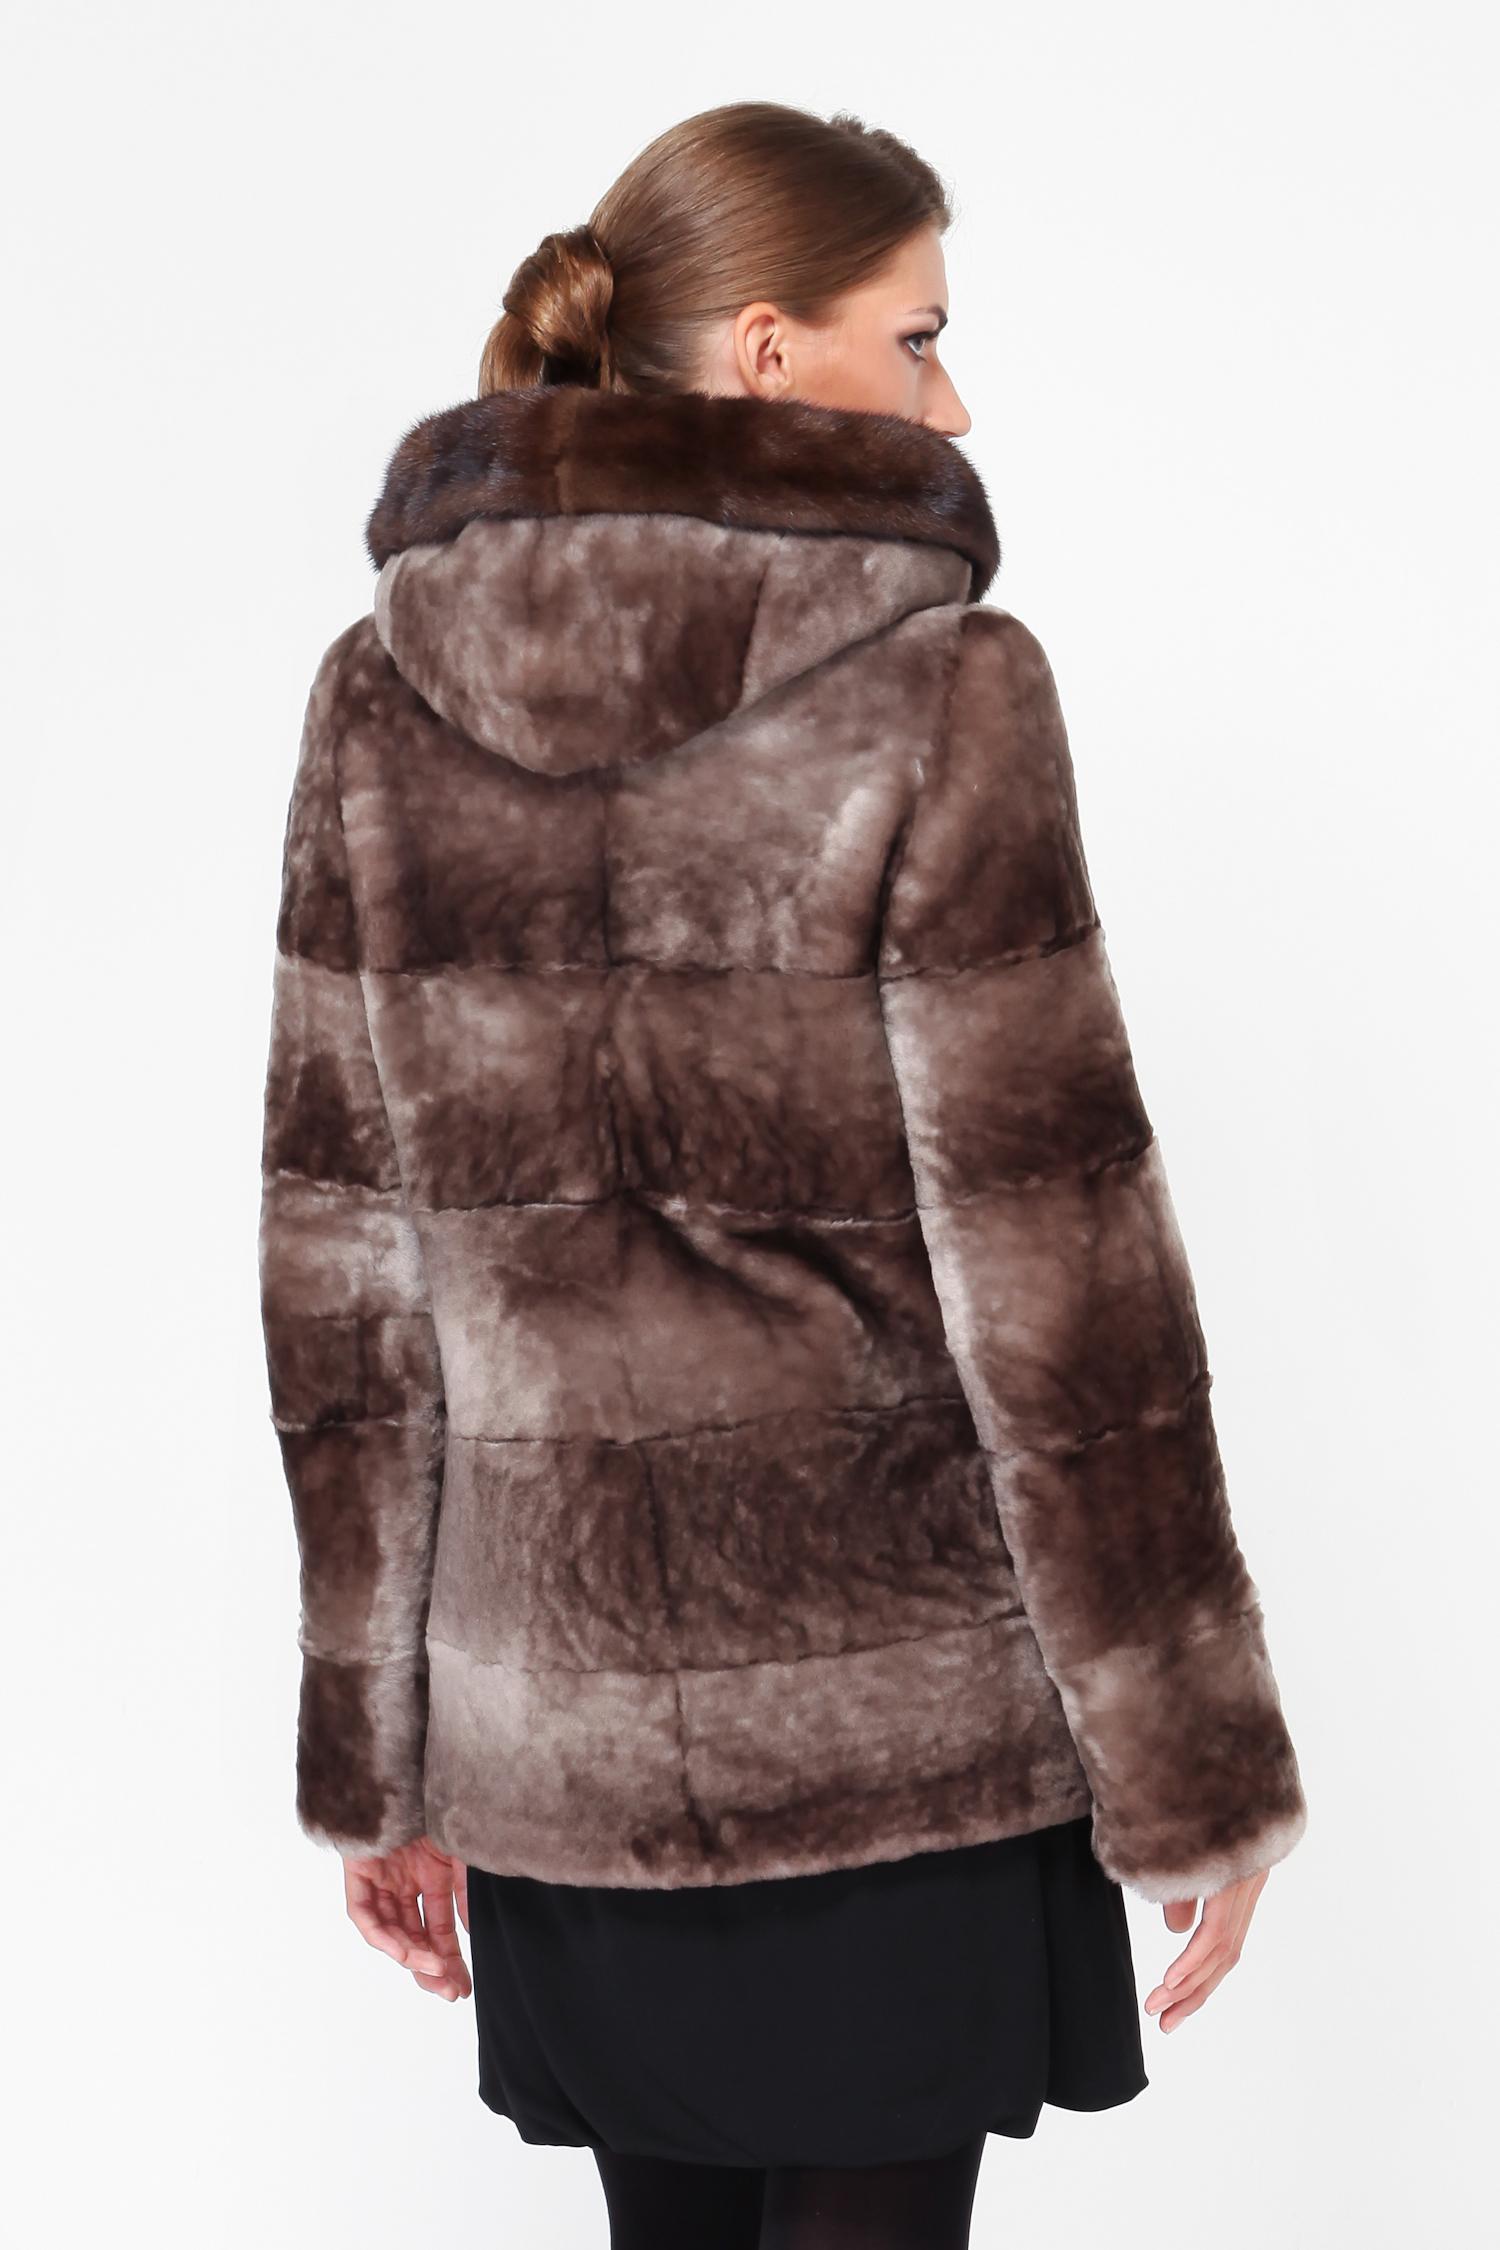 Куртка из мутона с капюшоном, отделка норка от Московская Меховая Компания